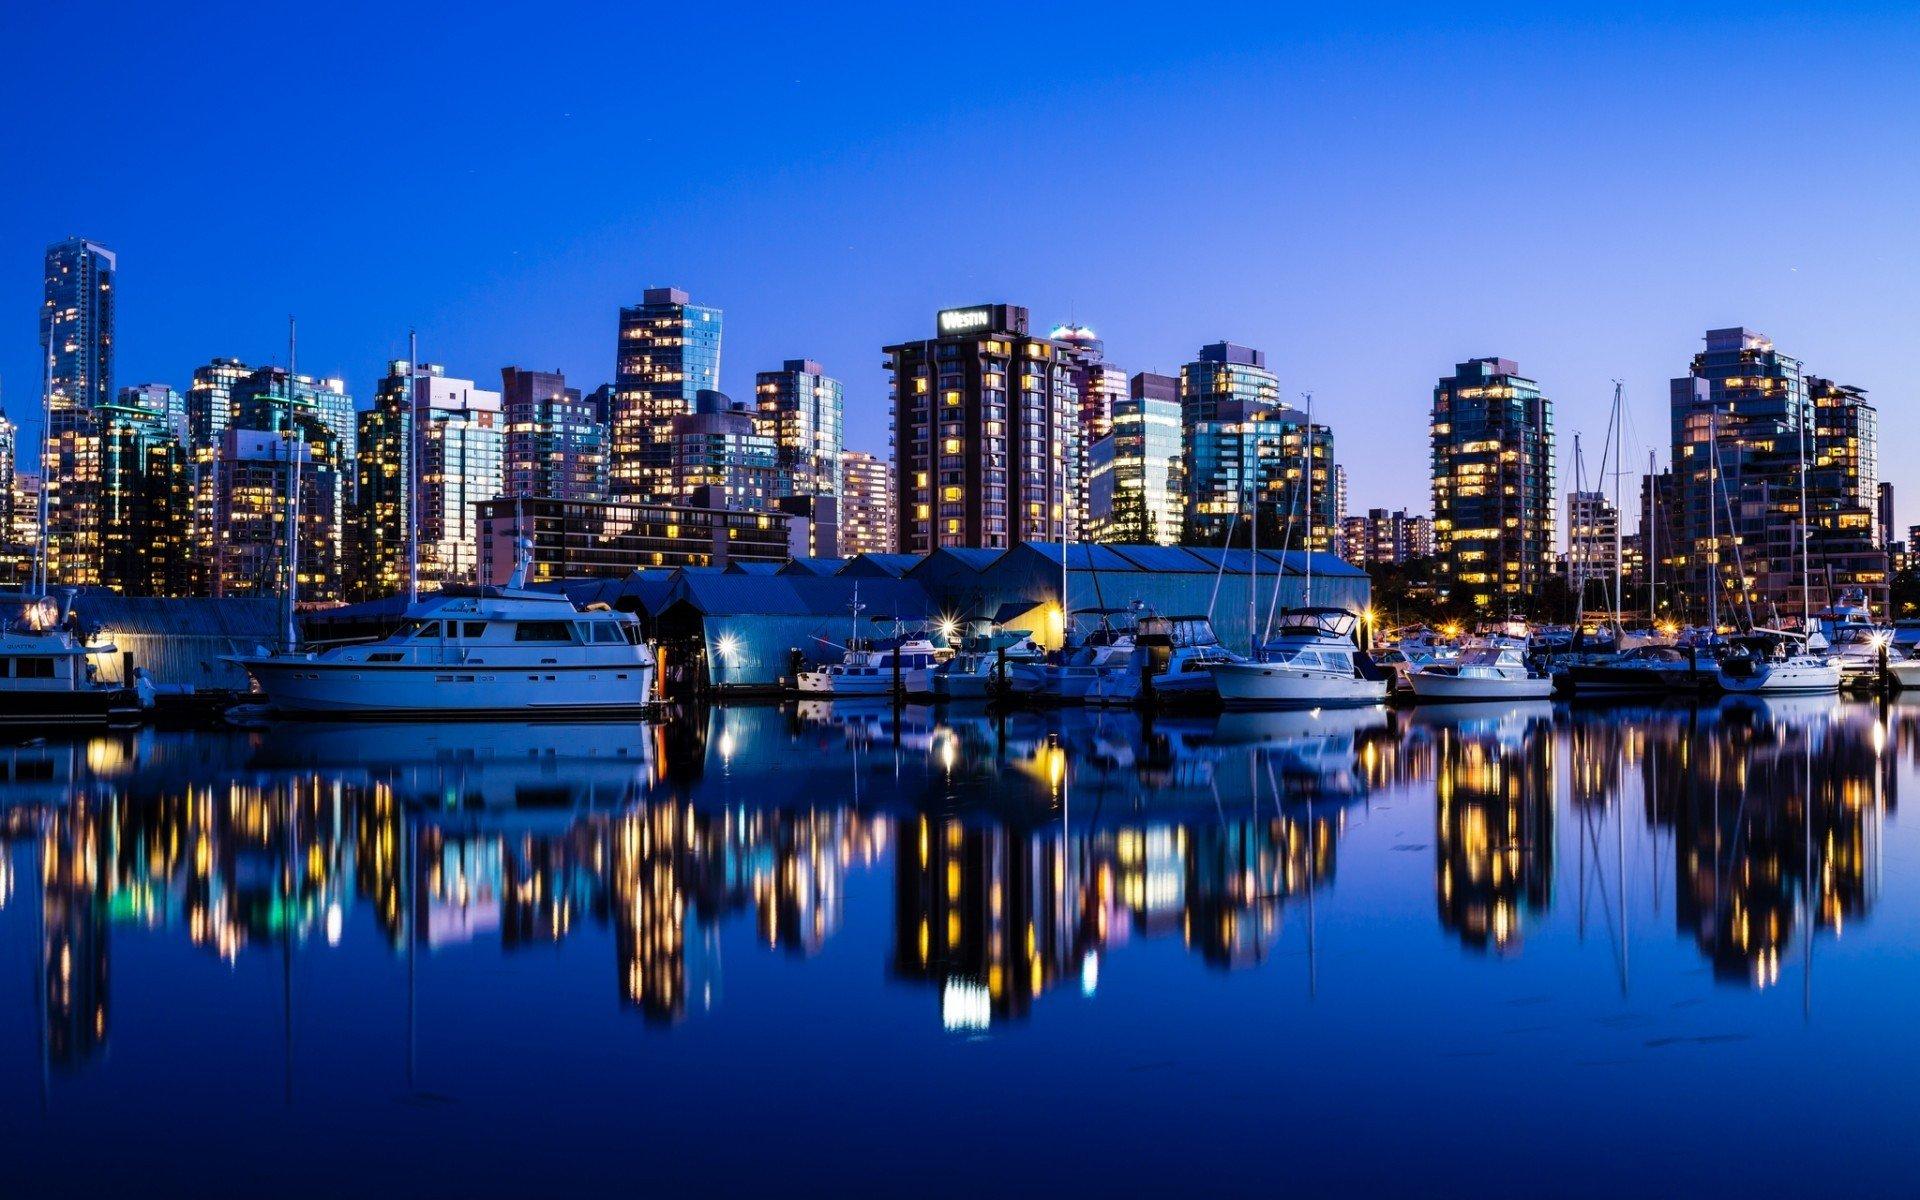 landscapes Canada Vancouver boats city lights city skyline reflections 1920x1200